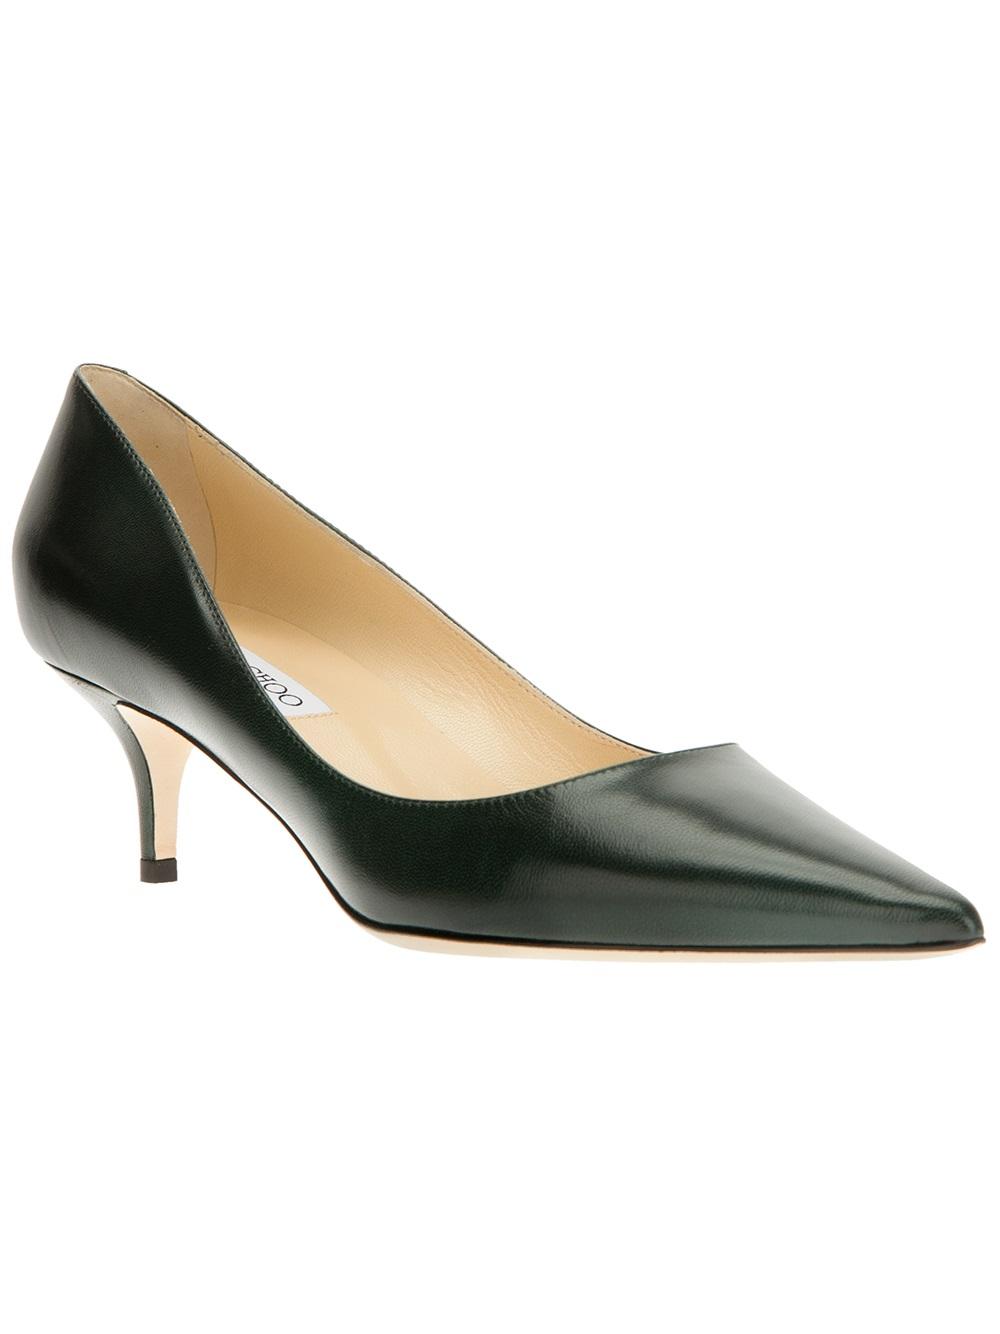 wedding shoes small heel photo - 1